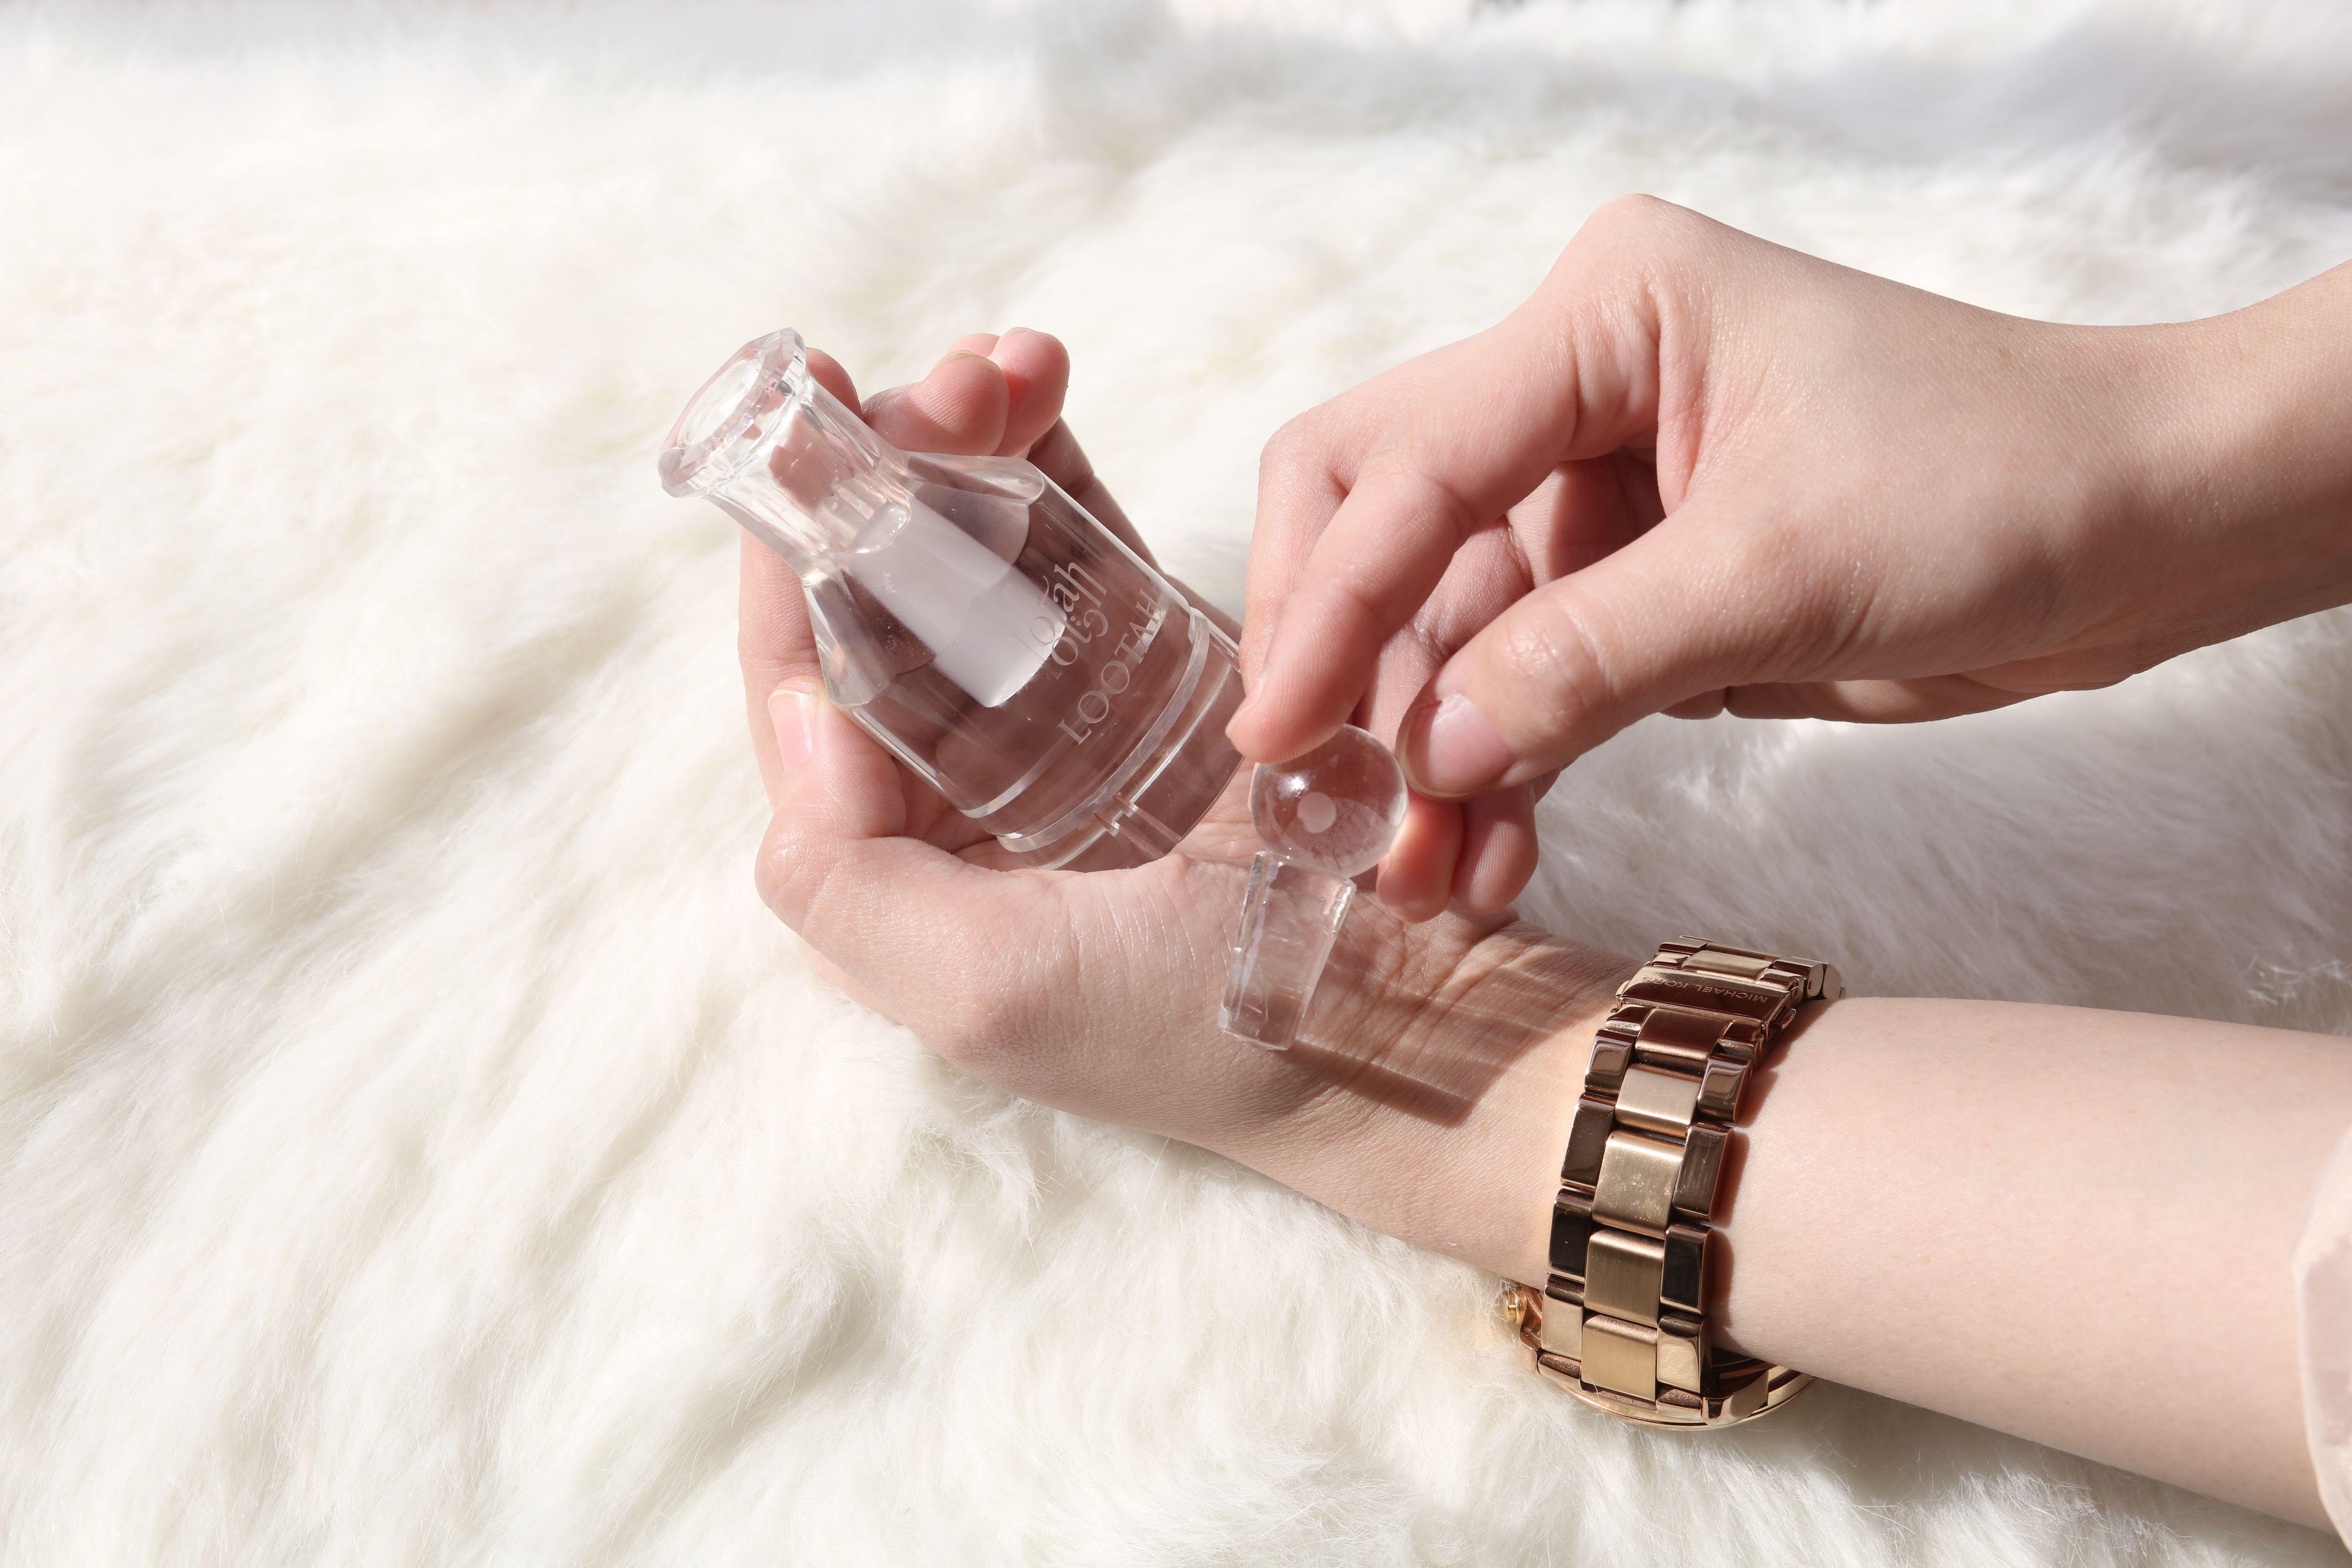 بالإضافة إلى رائحته المنعشة و عبقه الطيب يساعد المسك الأبيض على علاج الزكام كما أن ه ي ستخدم في صناعة العديد من الم نتجات التجميلي Bangles Jewelry Bracelets